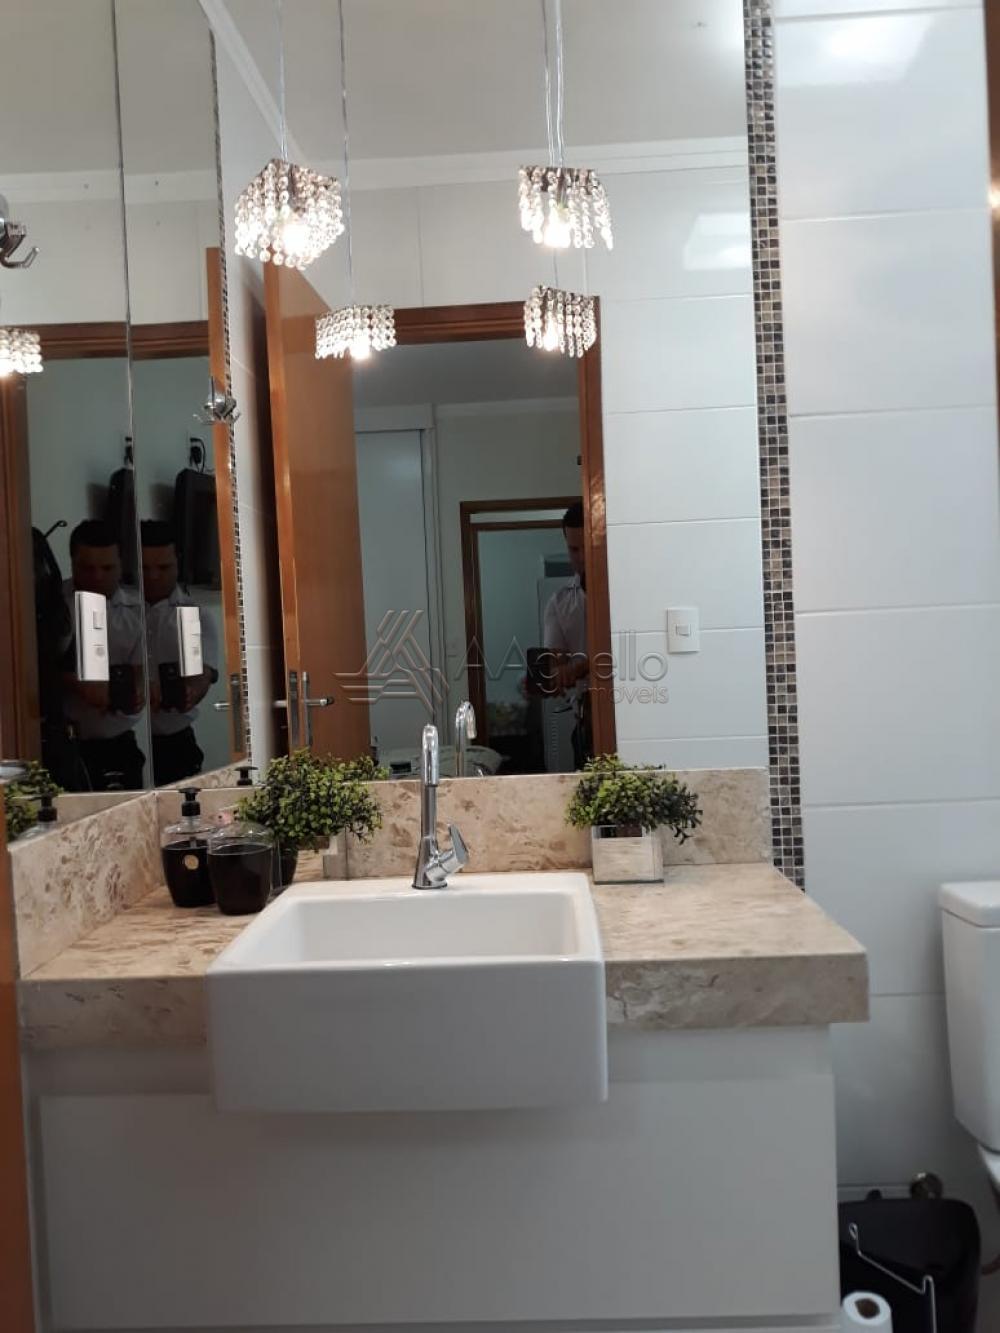 Comprar Apartamento / Padrão em Franca apenas R$ 380.000,00 - Foto 10